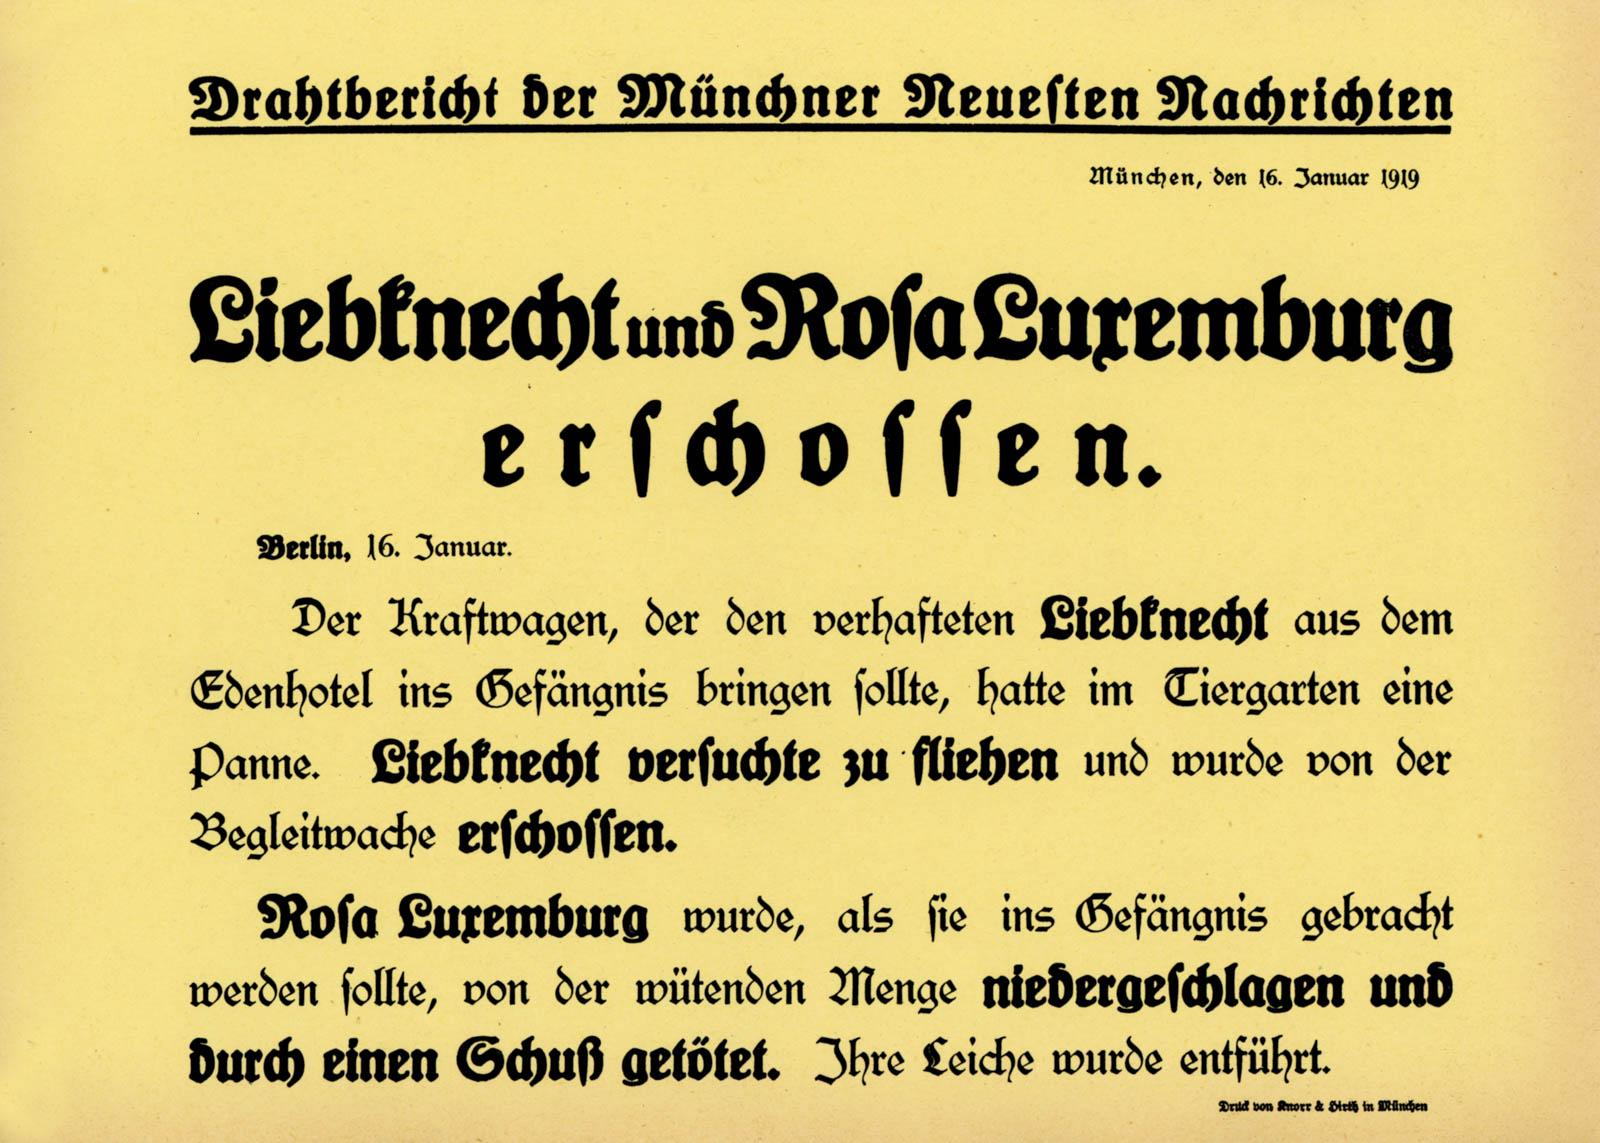 Liebknecht und Rosa Luxemburg erschossen